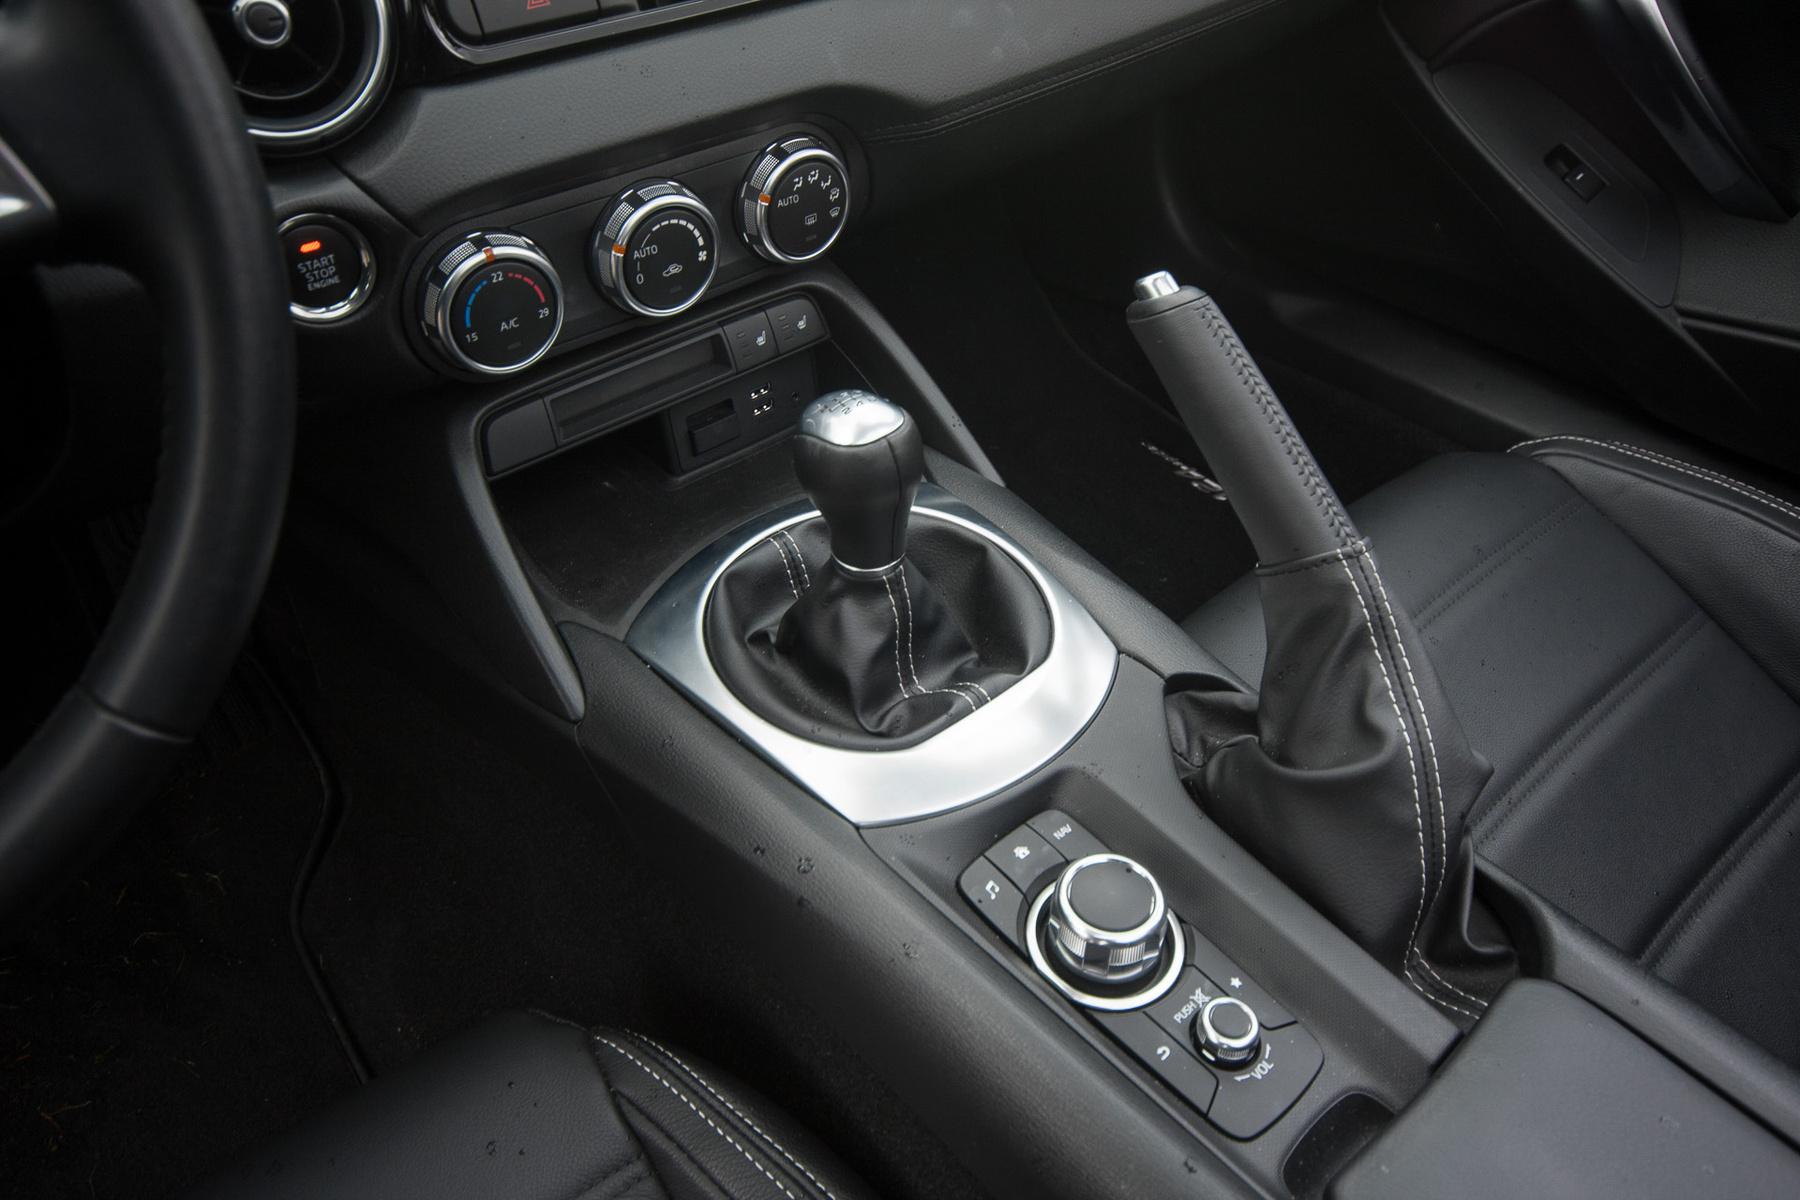 A motor középen erős, s a hangja sem rossz, bár a Mazda izgalmasabb